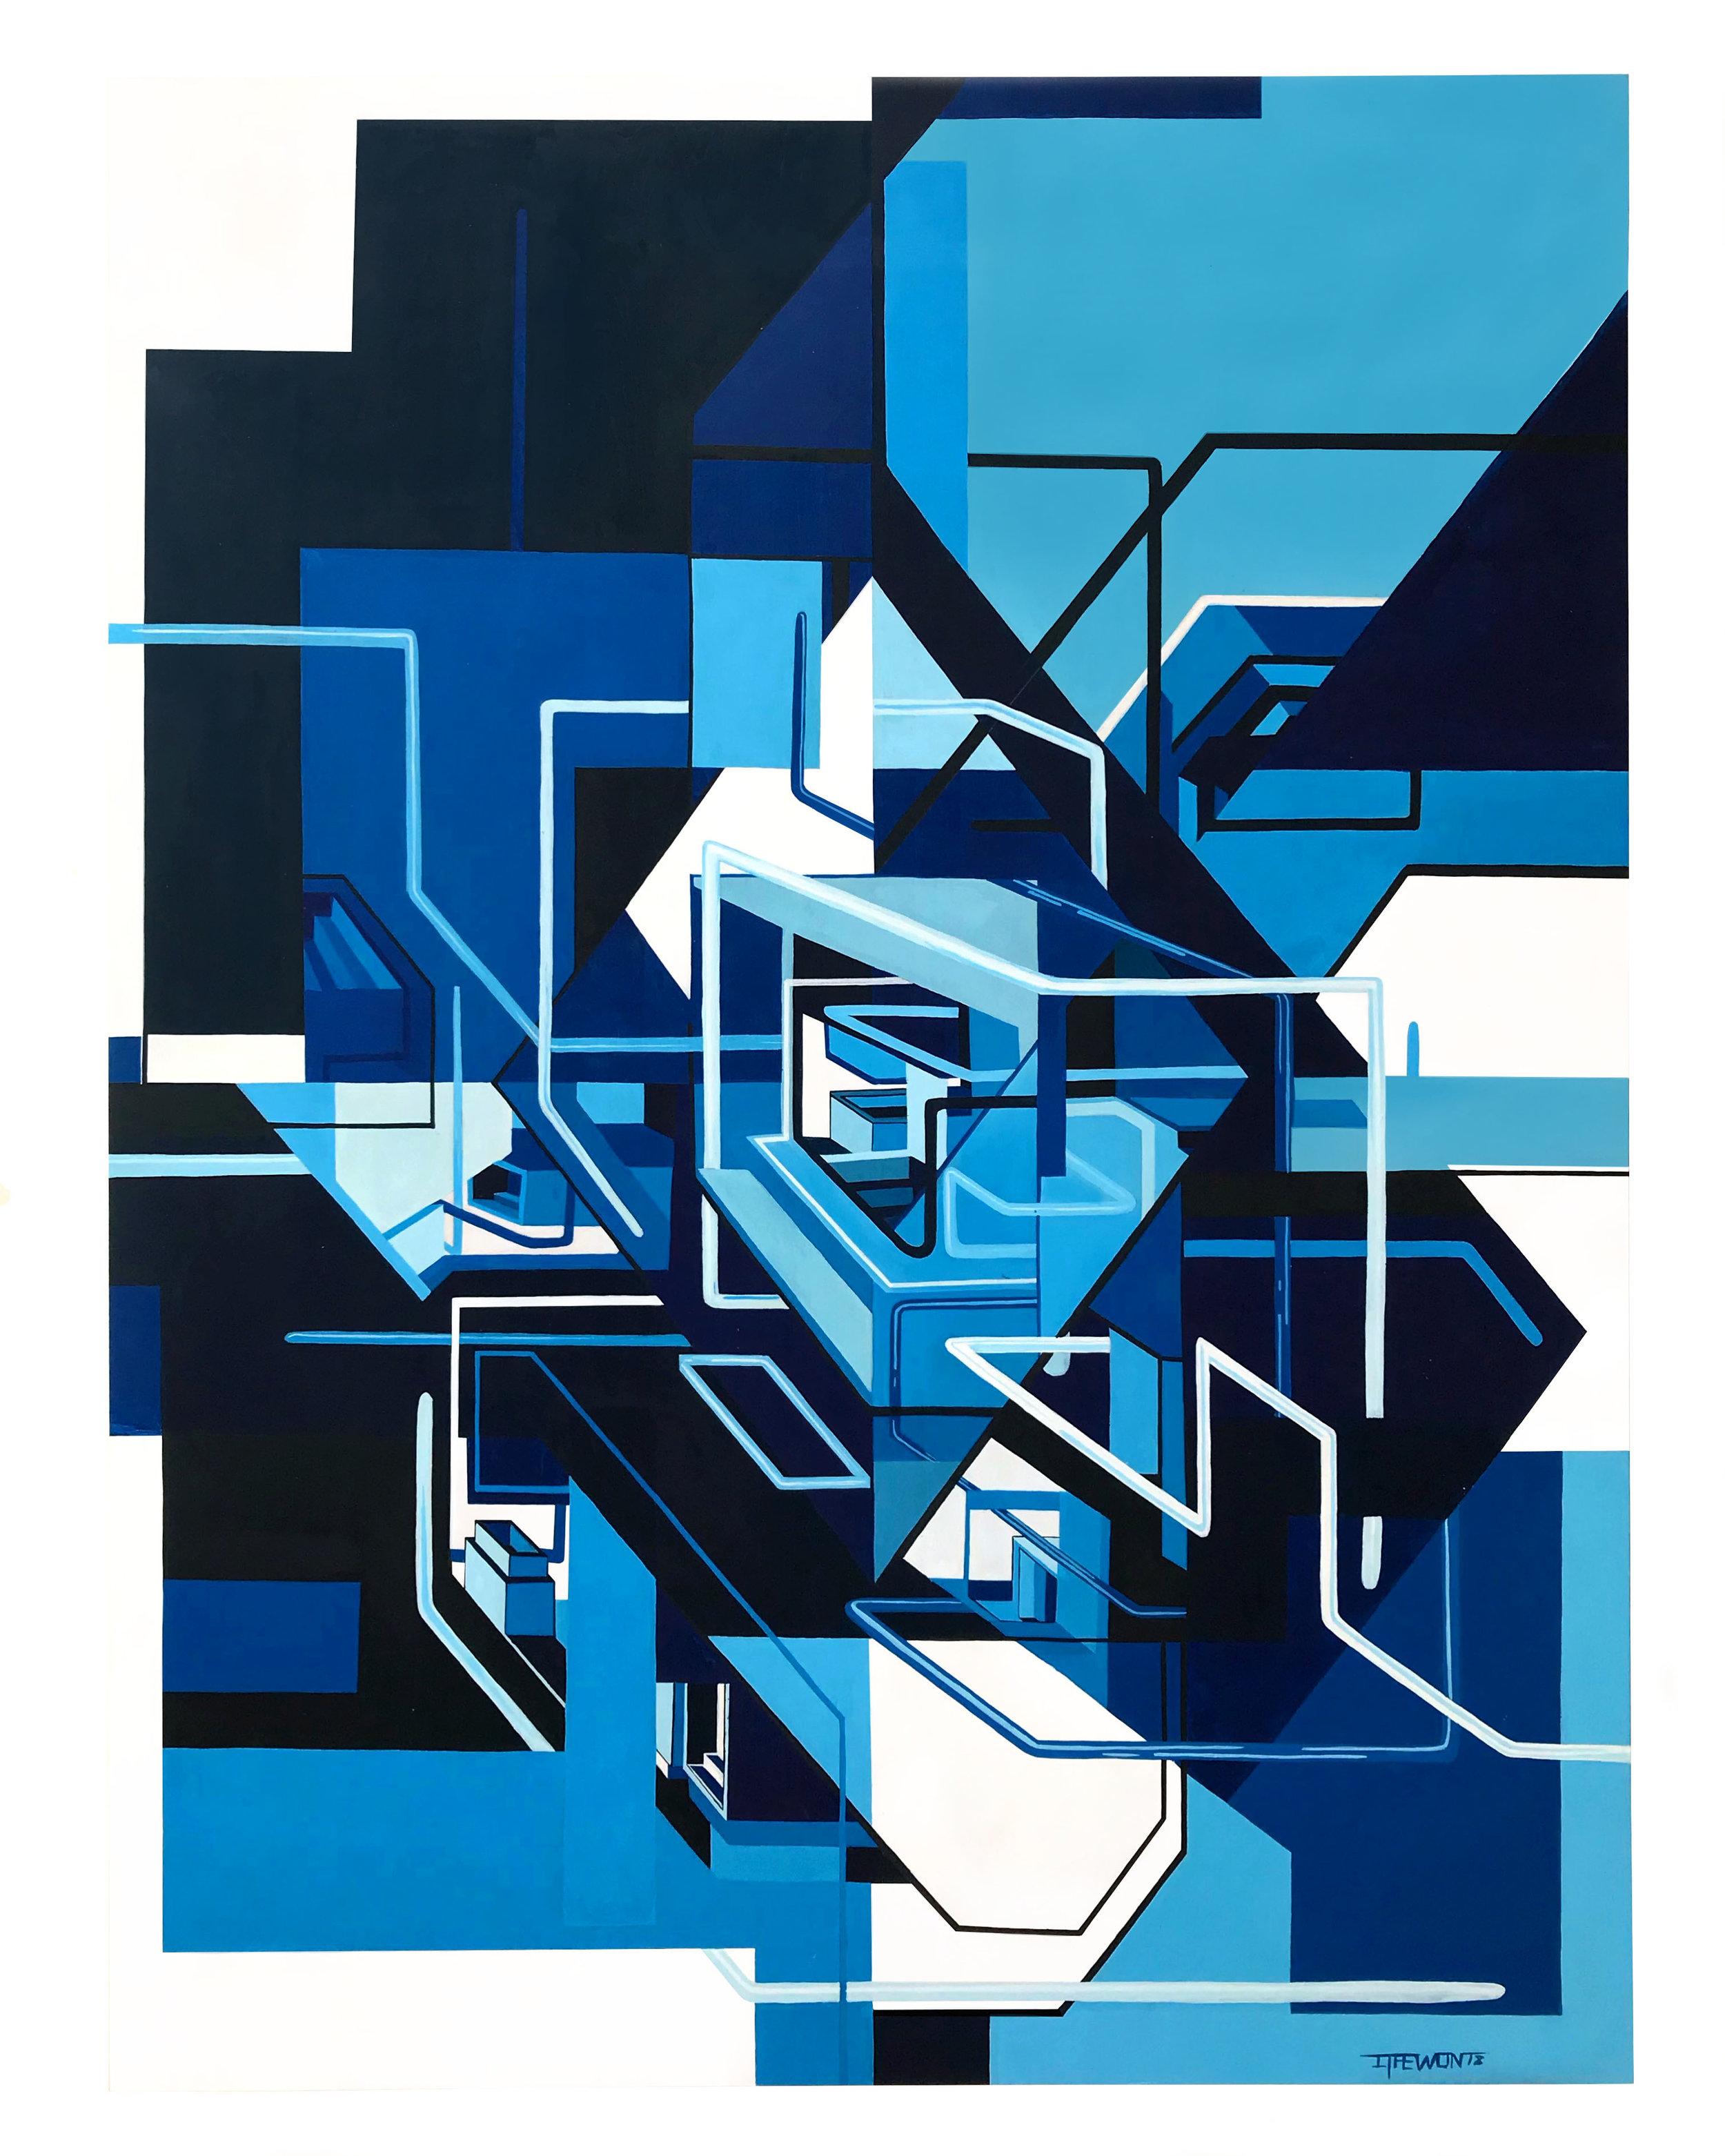 Blockade - 60cm x 80cm x 5cm - Acrylic on wood - 2018